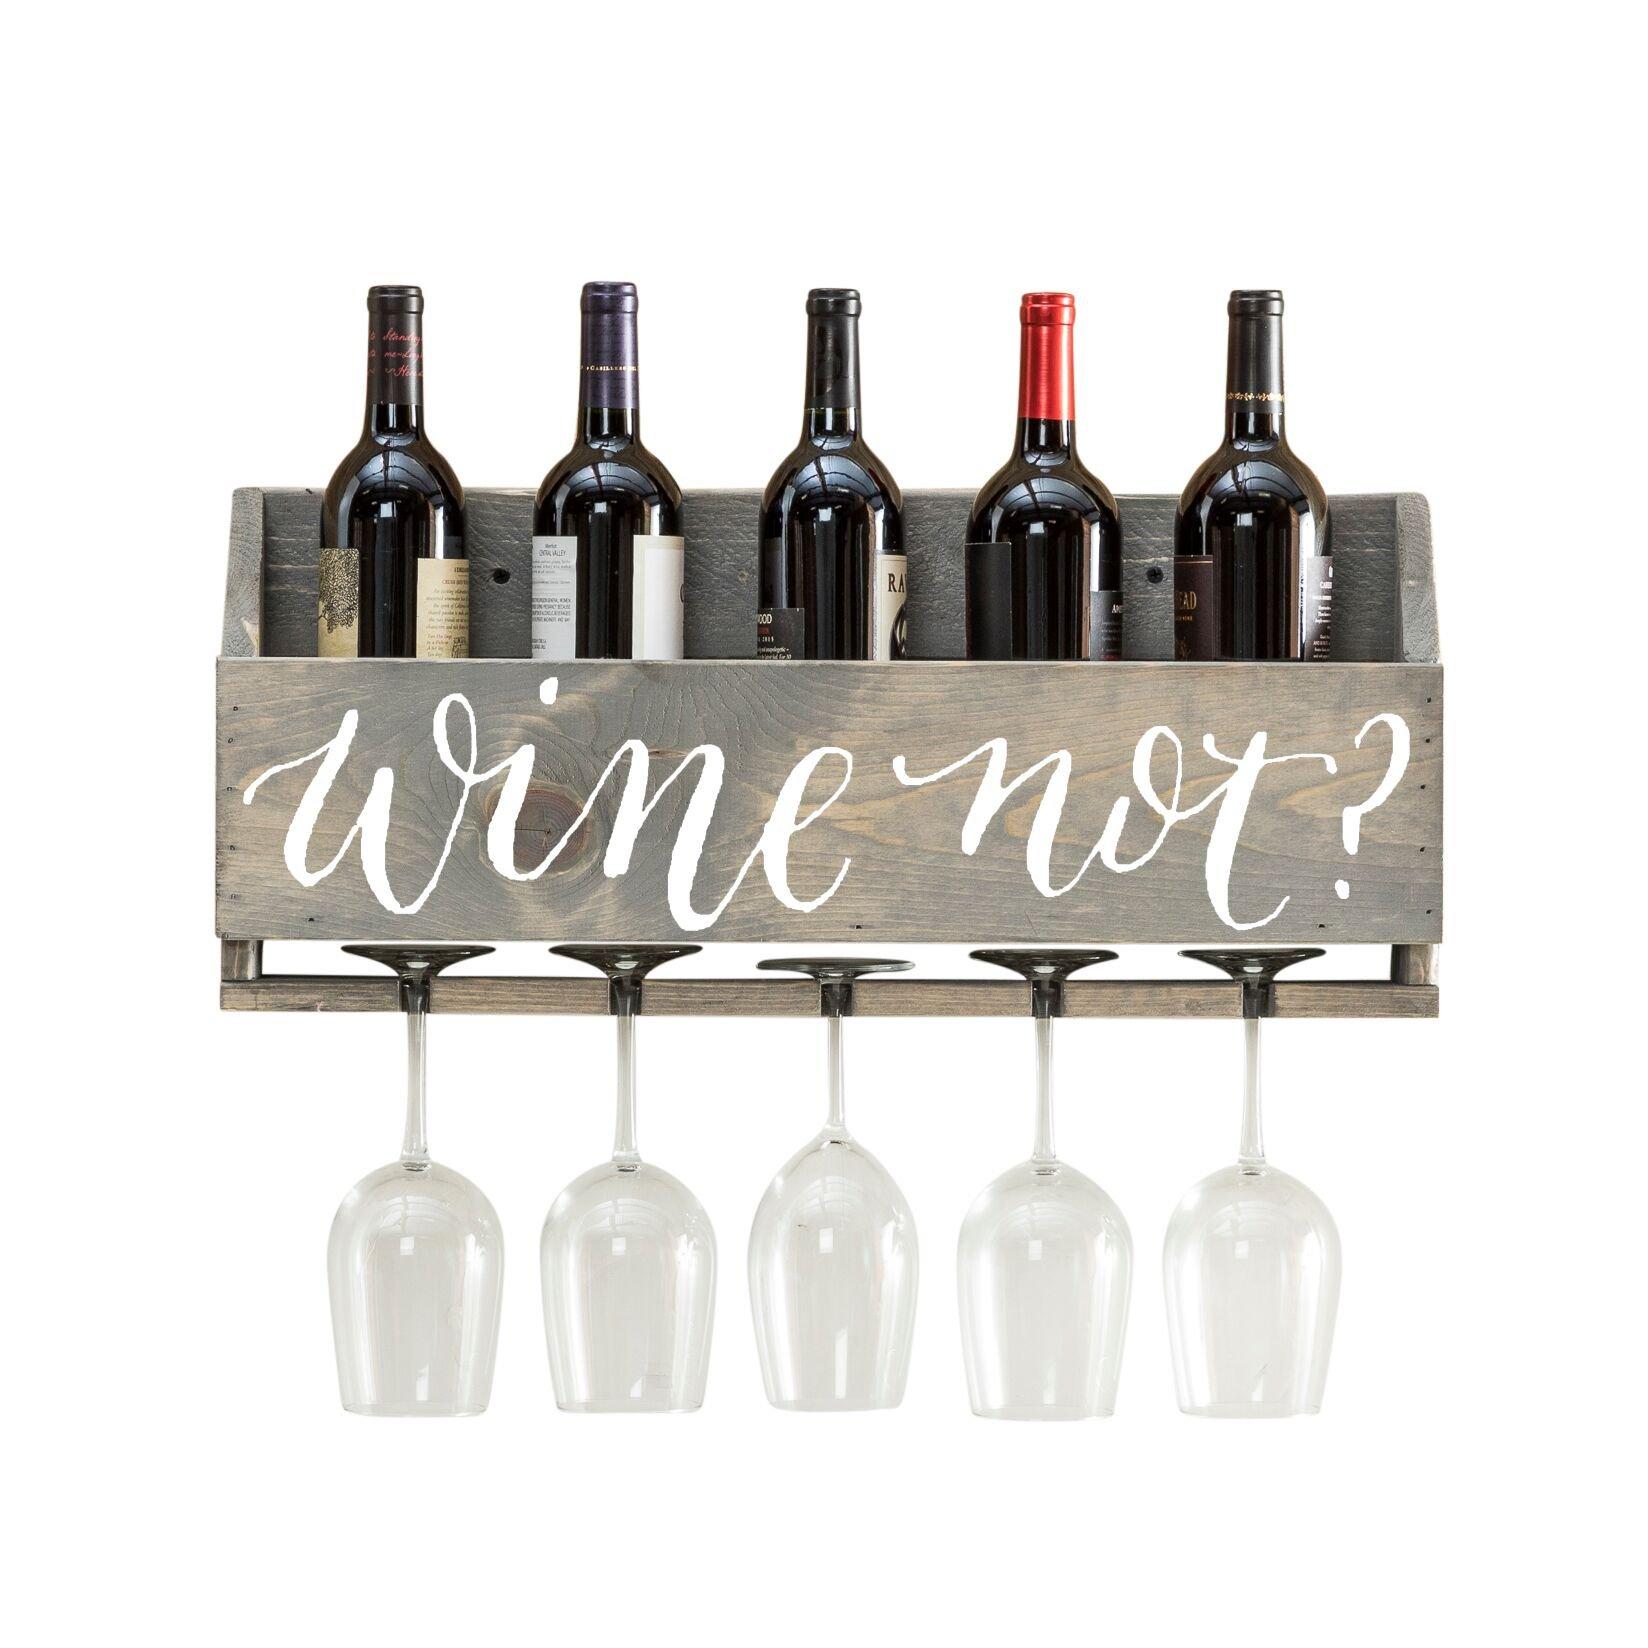 del Hutson Designs Le Luxe Wine Rack (Wine Not? - Gray)